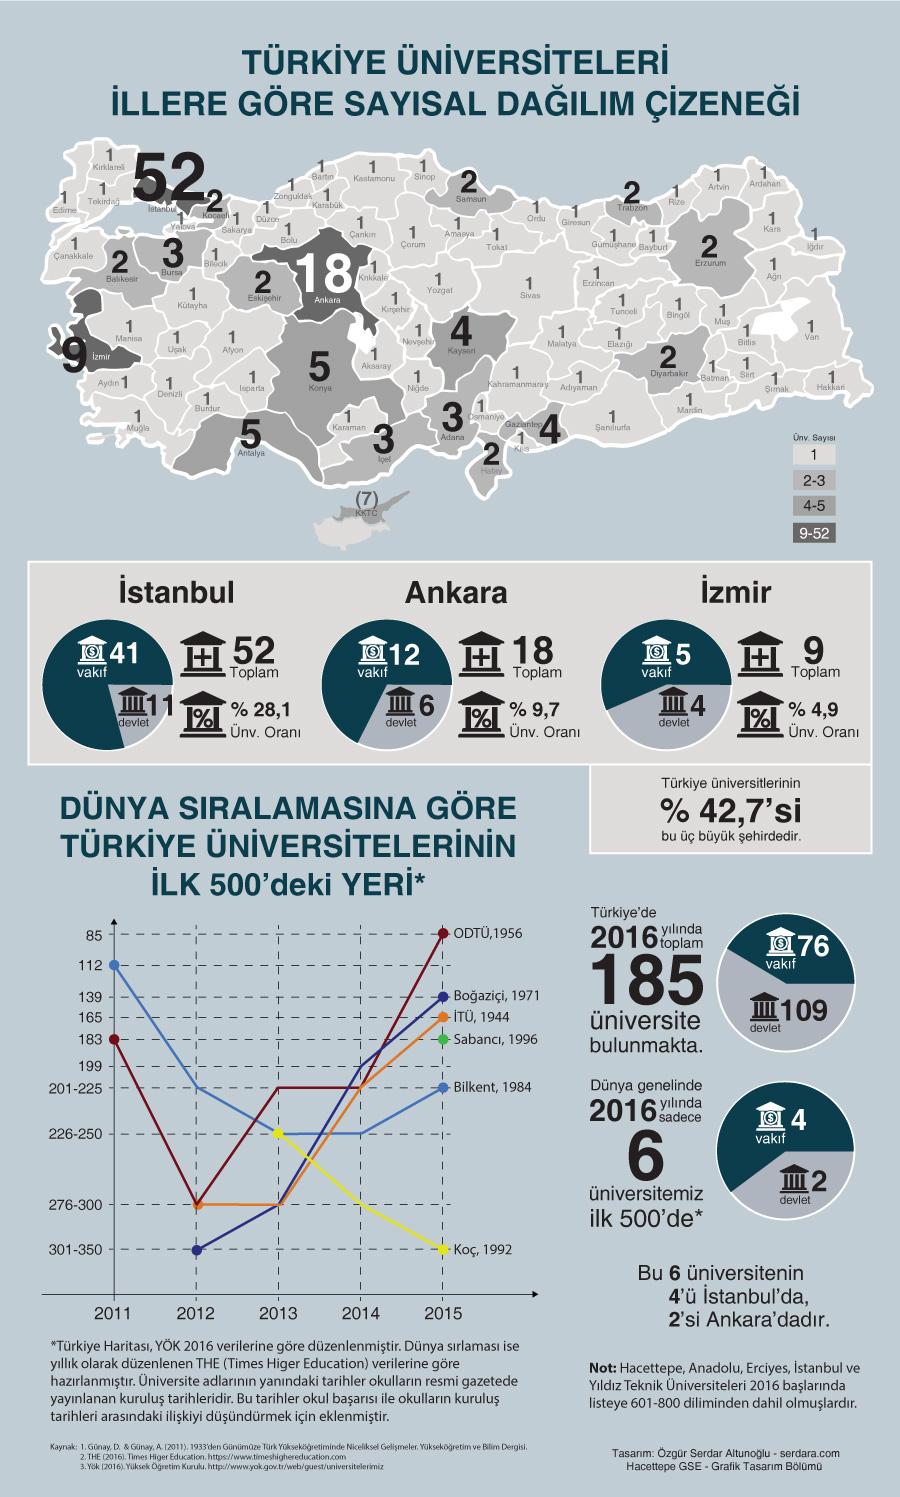 Türkiye Üniversiteleri 2016